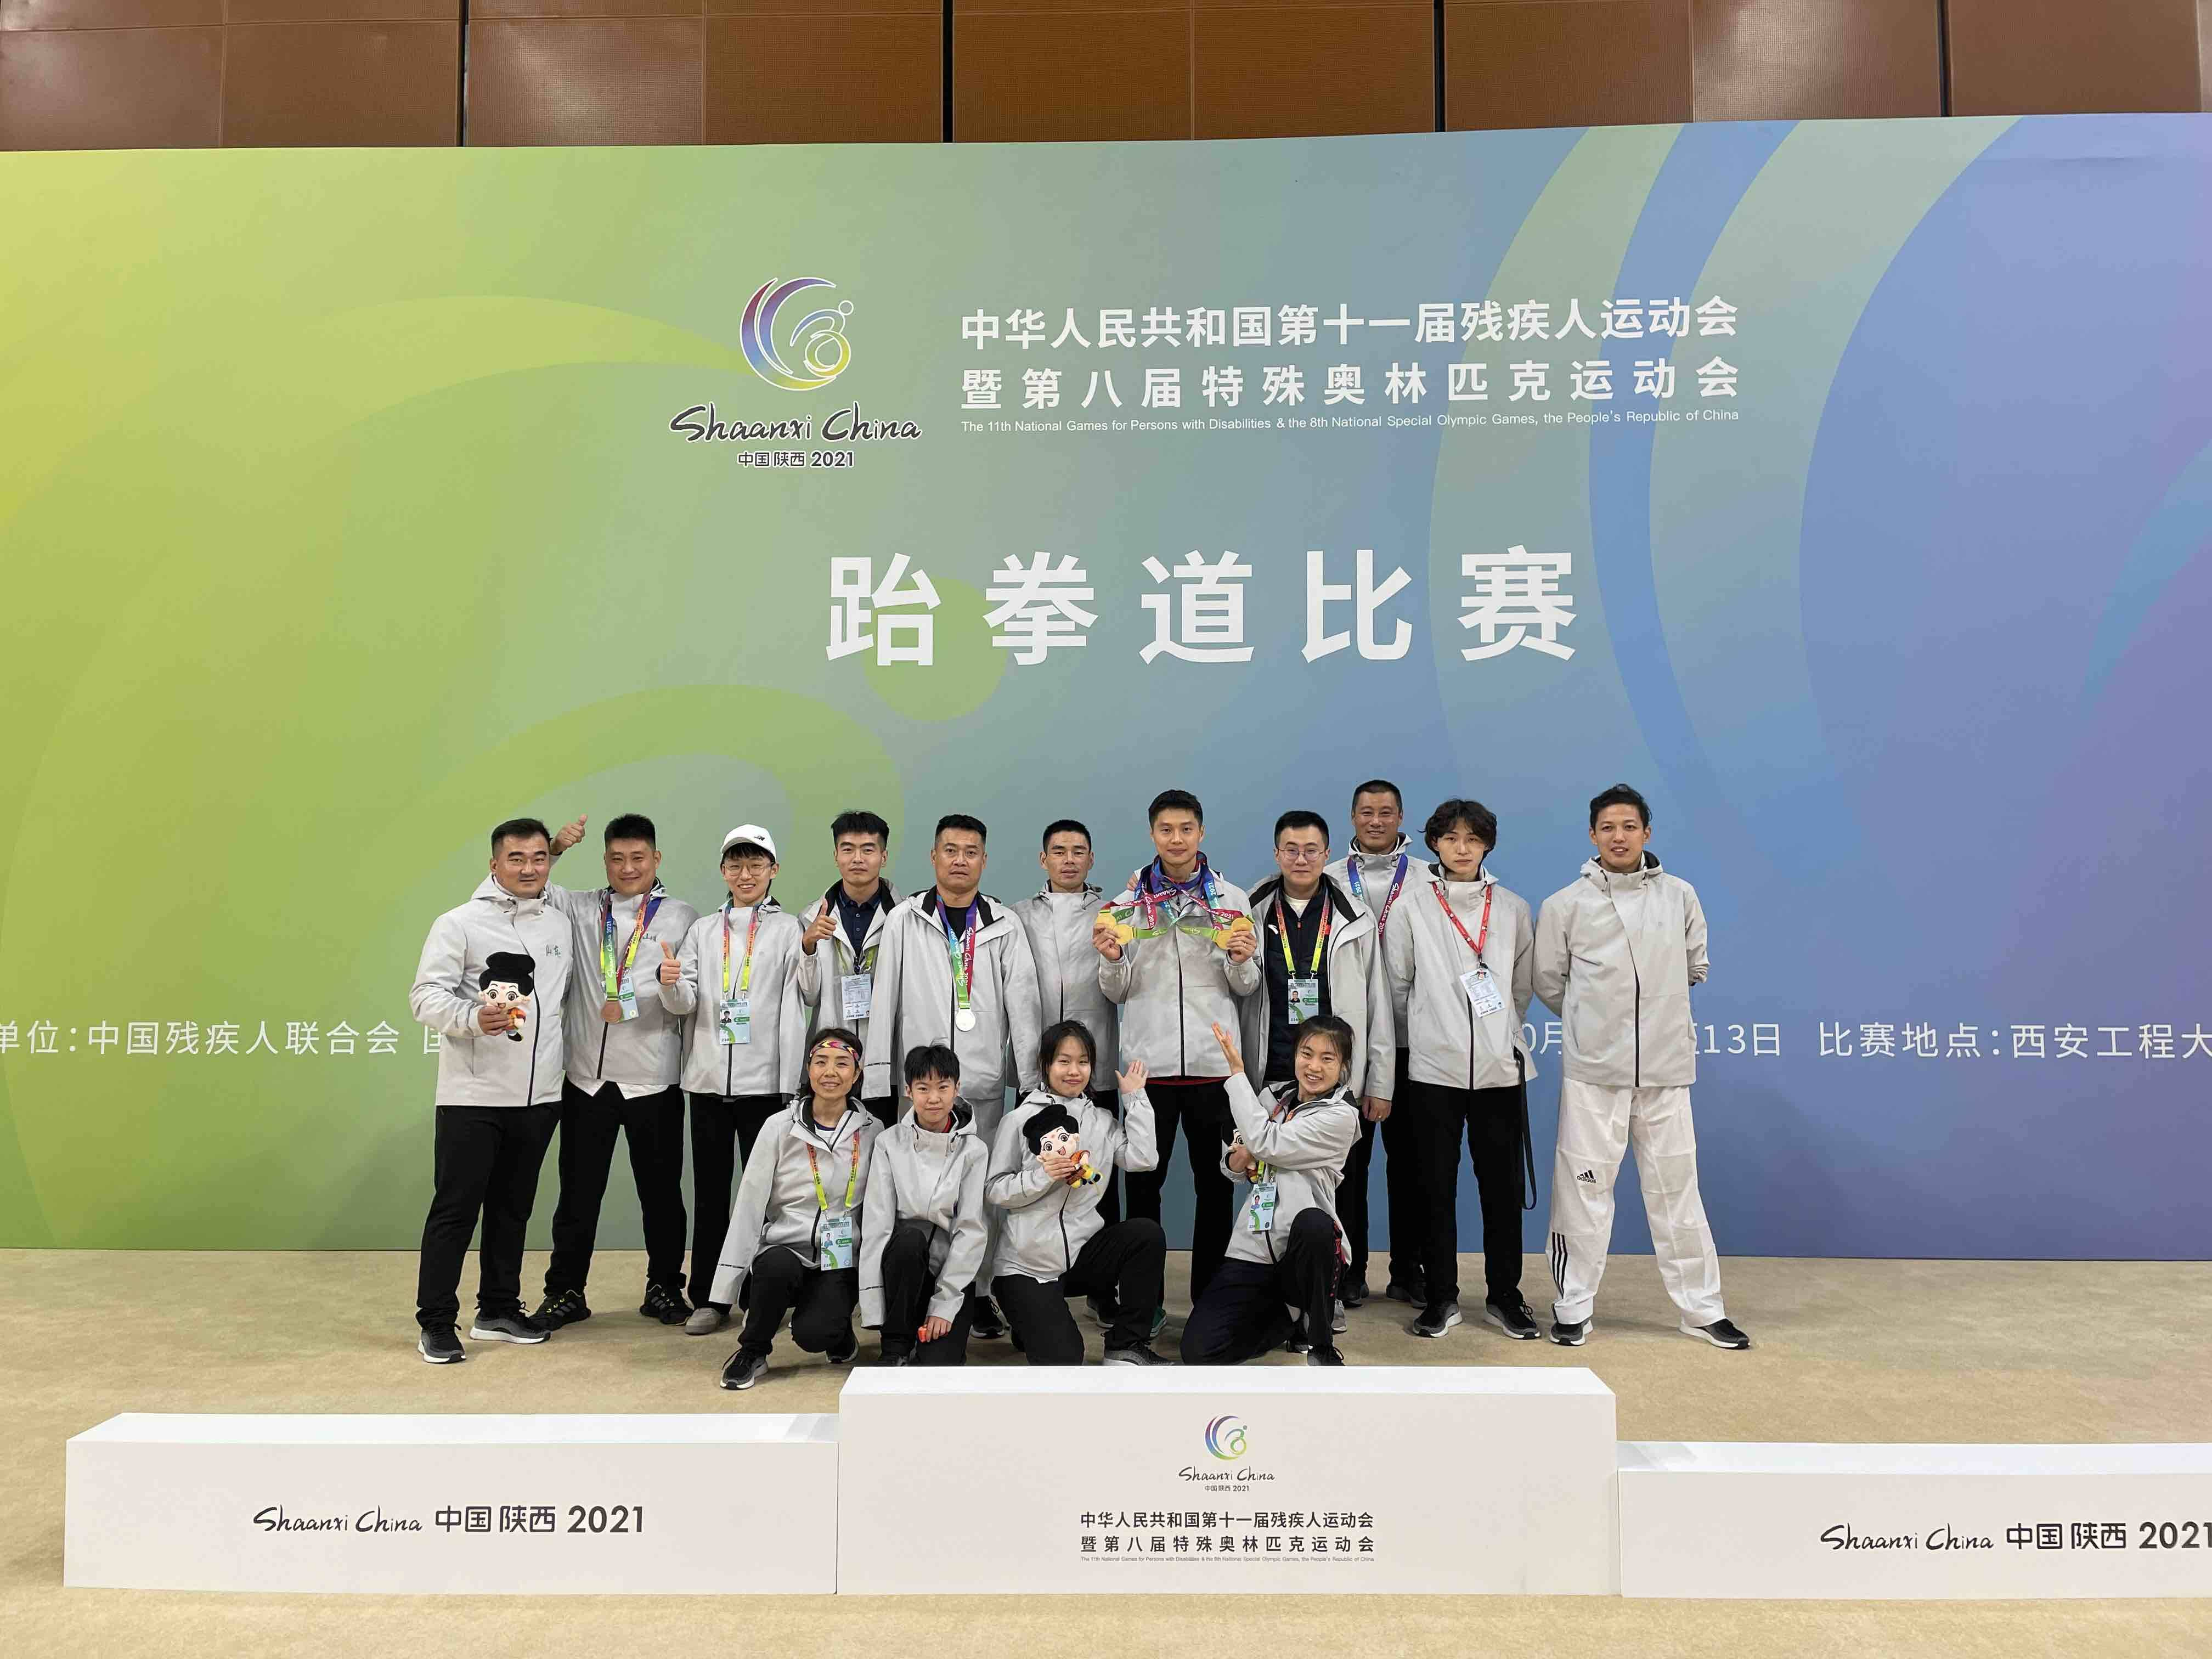 山东代表队喜获全国第十一届残运会跆拳道比赛13金 创历史最好成绩